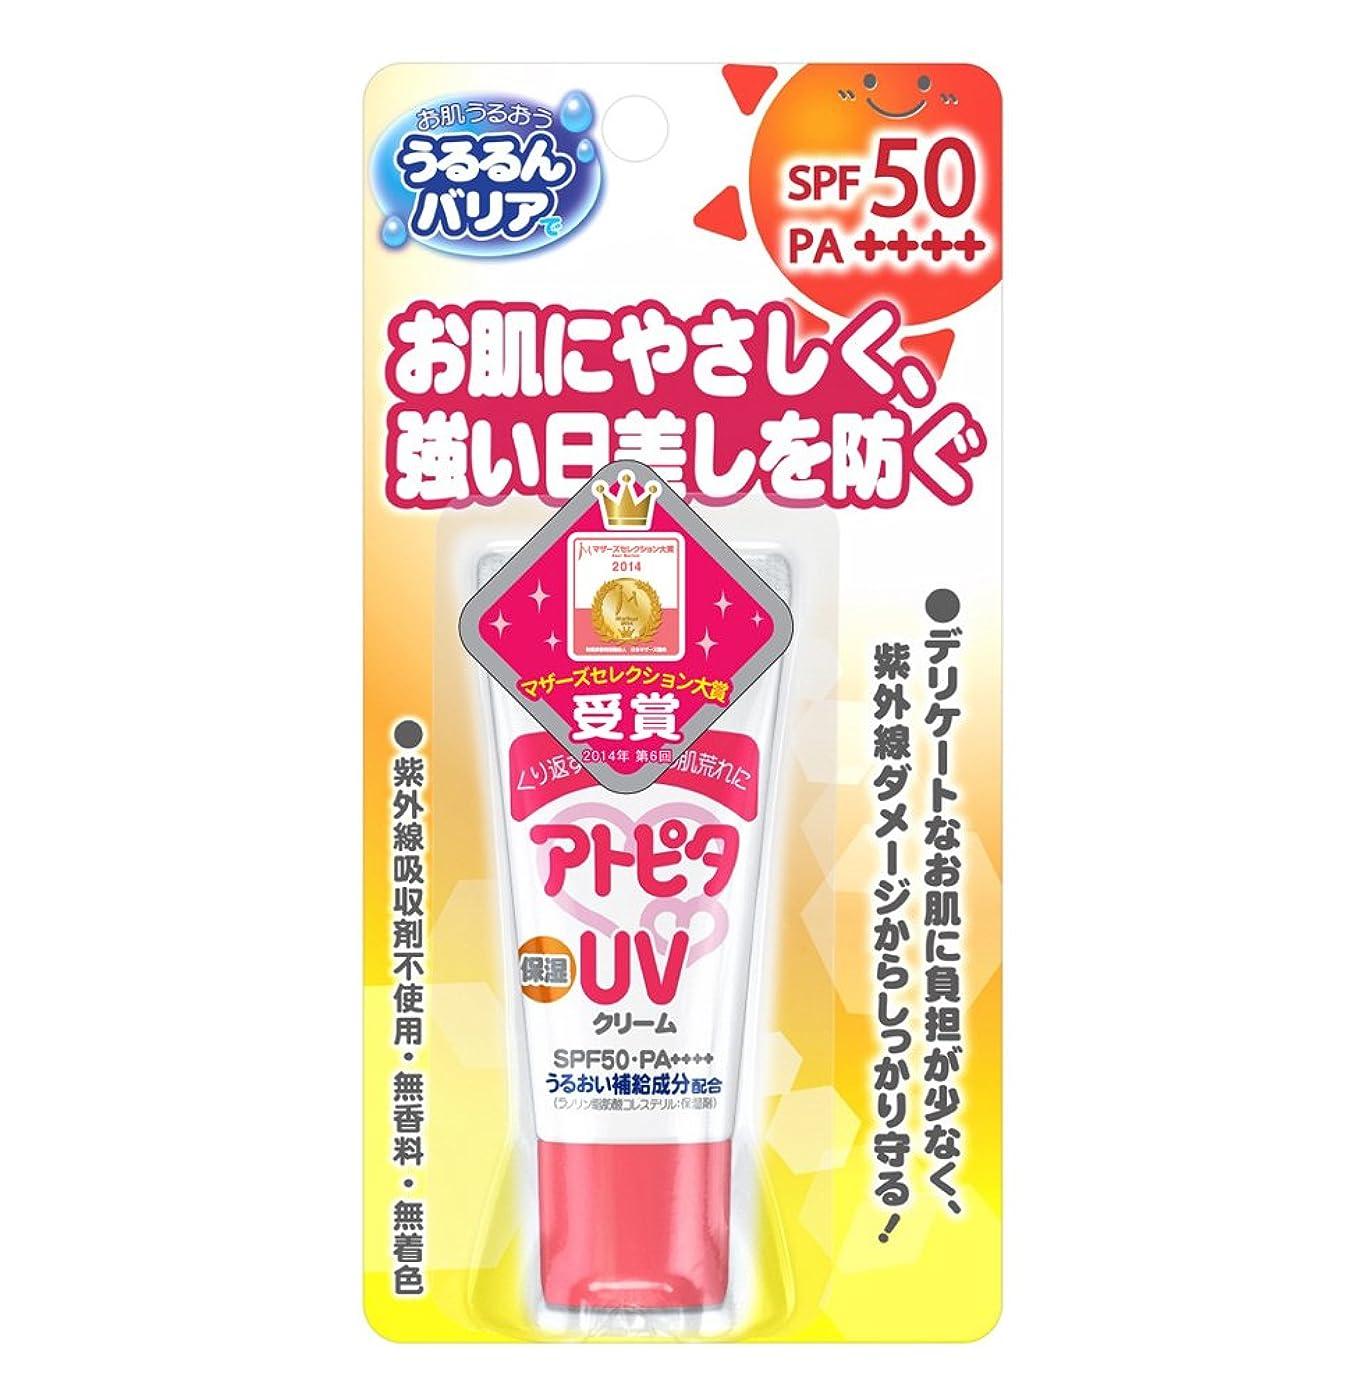 軽く乳製品野なアトピタ 保湿 UVクリーム SPF50 PA++++ 20g